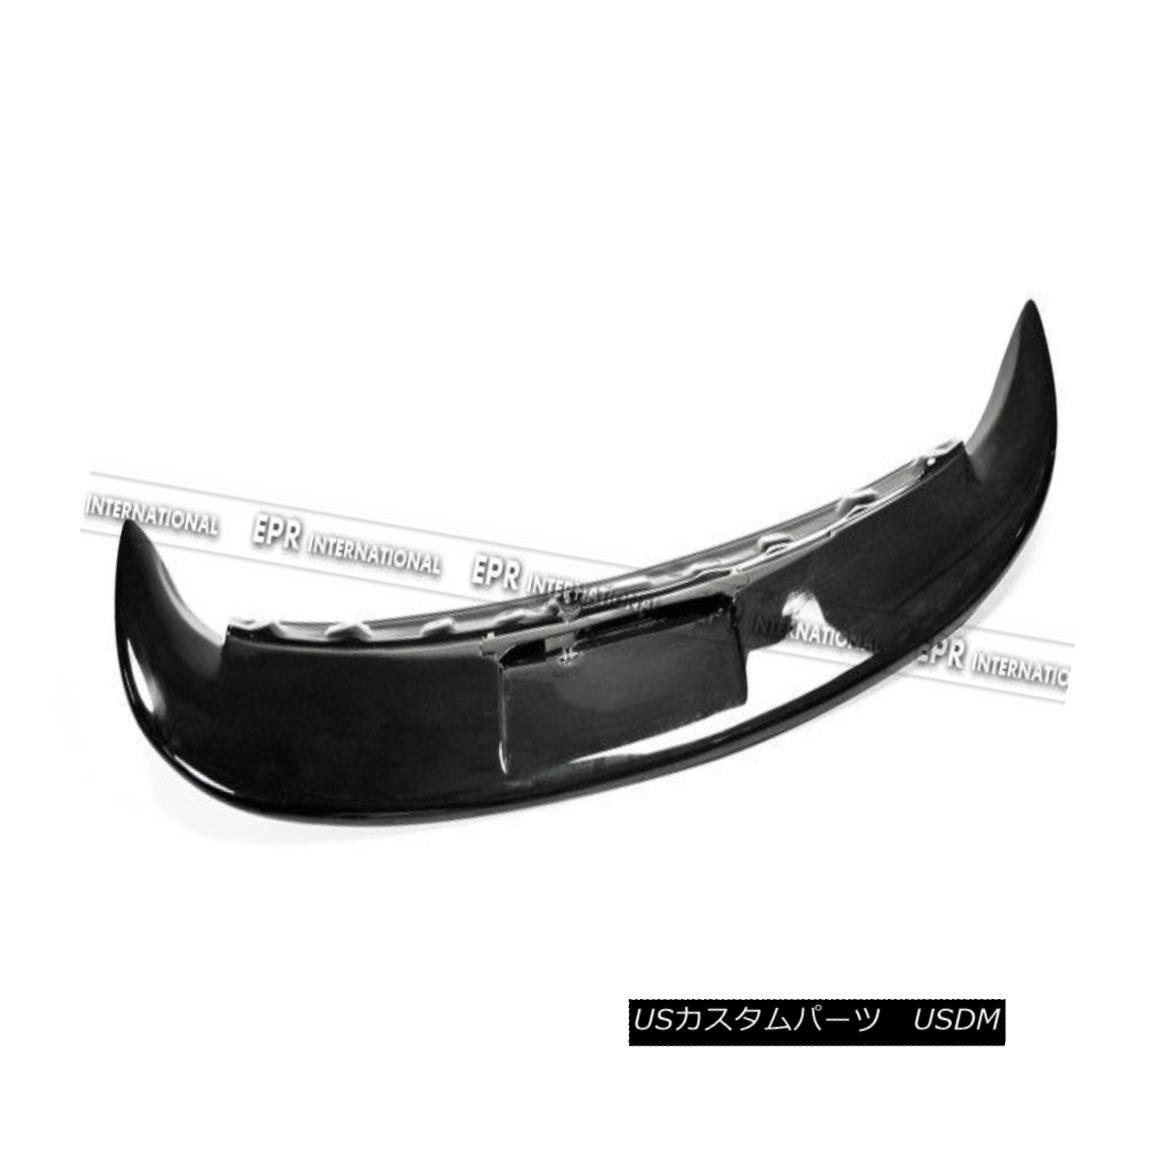 エアロパーツ AER Rear Trunk Spoiler Wing (Non Turbo Only) For Hyundai Veloster D-Style FRP Hyundai Veloster D-Style FRP用AERリアトランク・スポイラー・ウイング(ノン・ターボのみ)